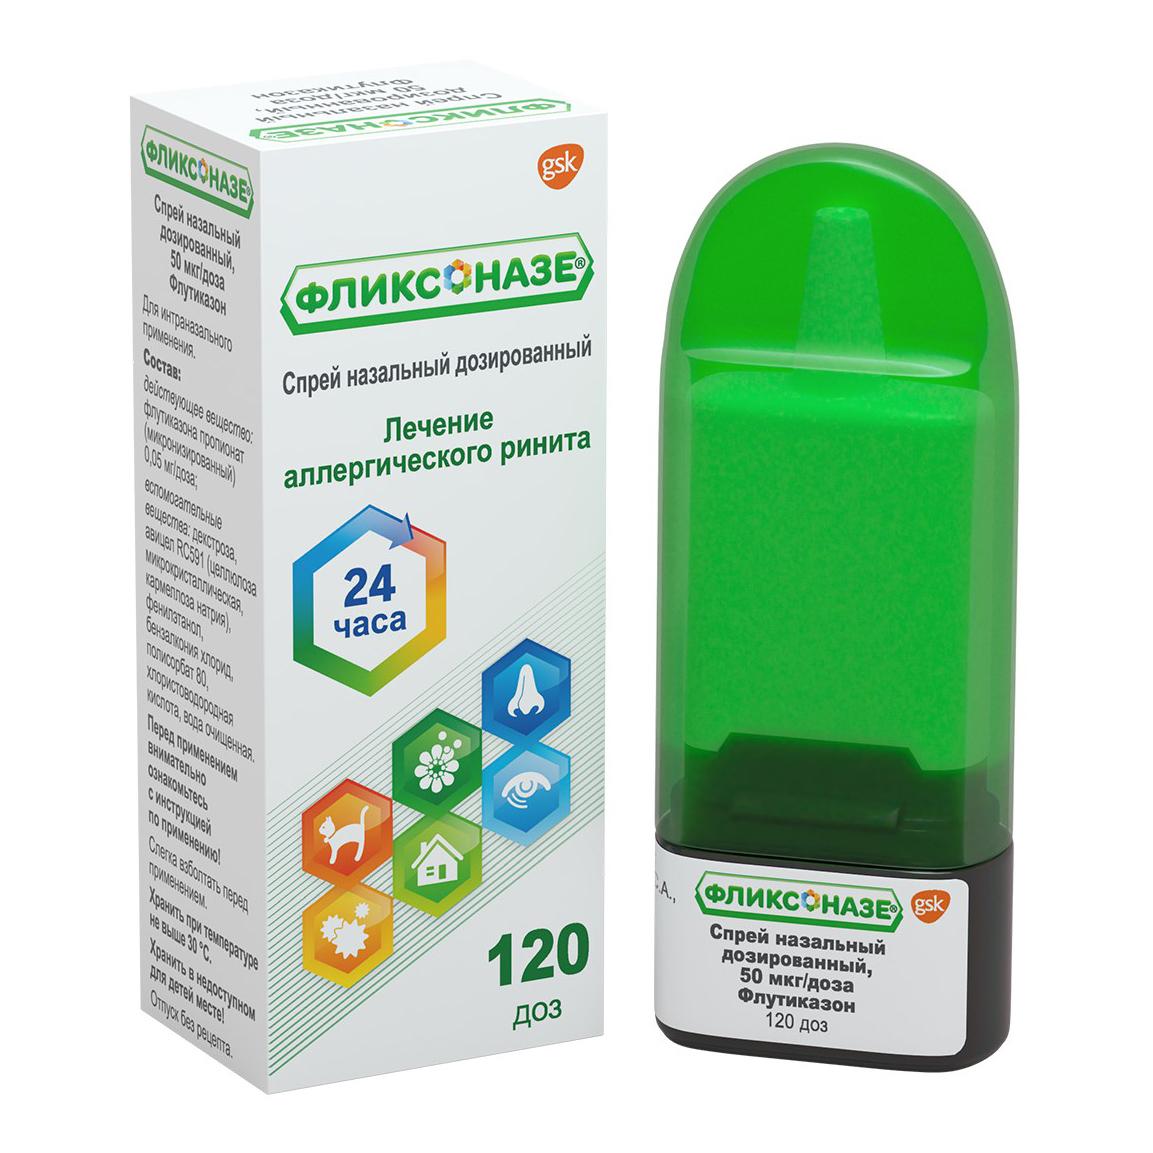 Фликсоназе спрей назальный 50 мкг/доза 120 доз